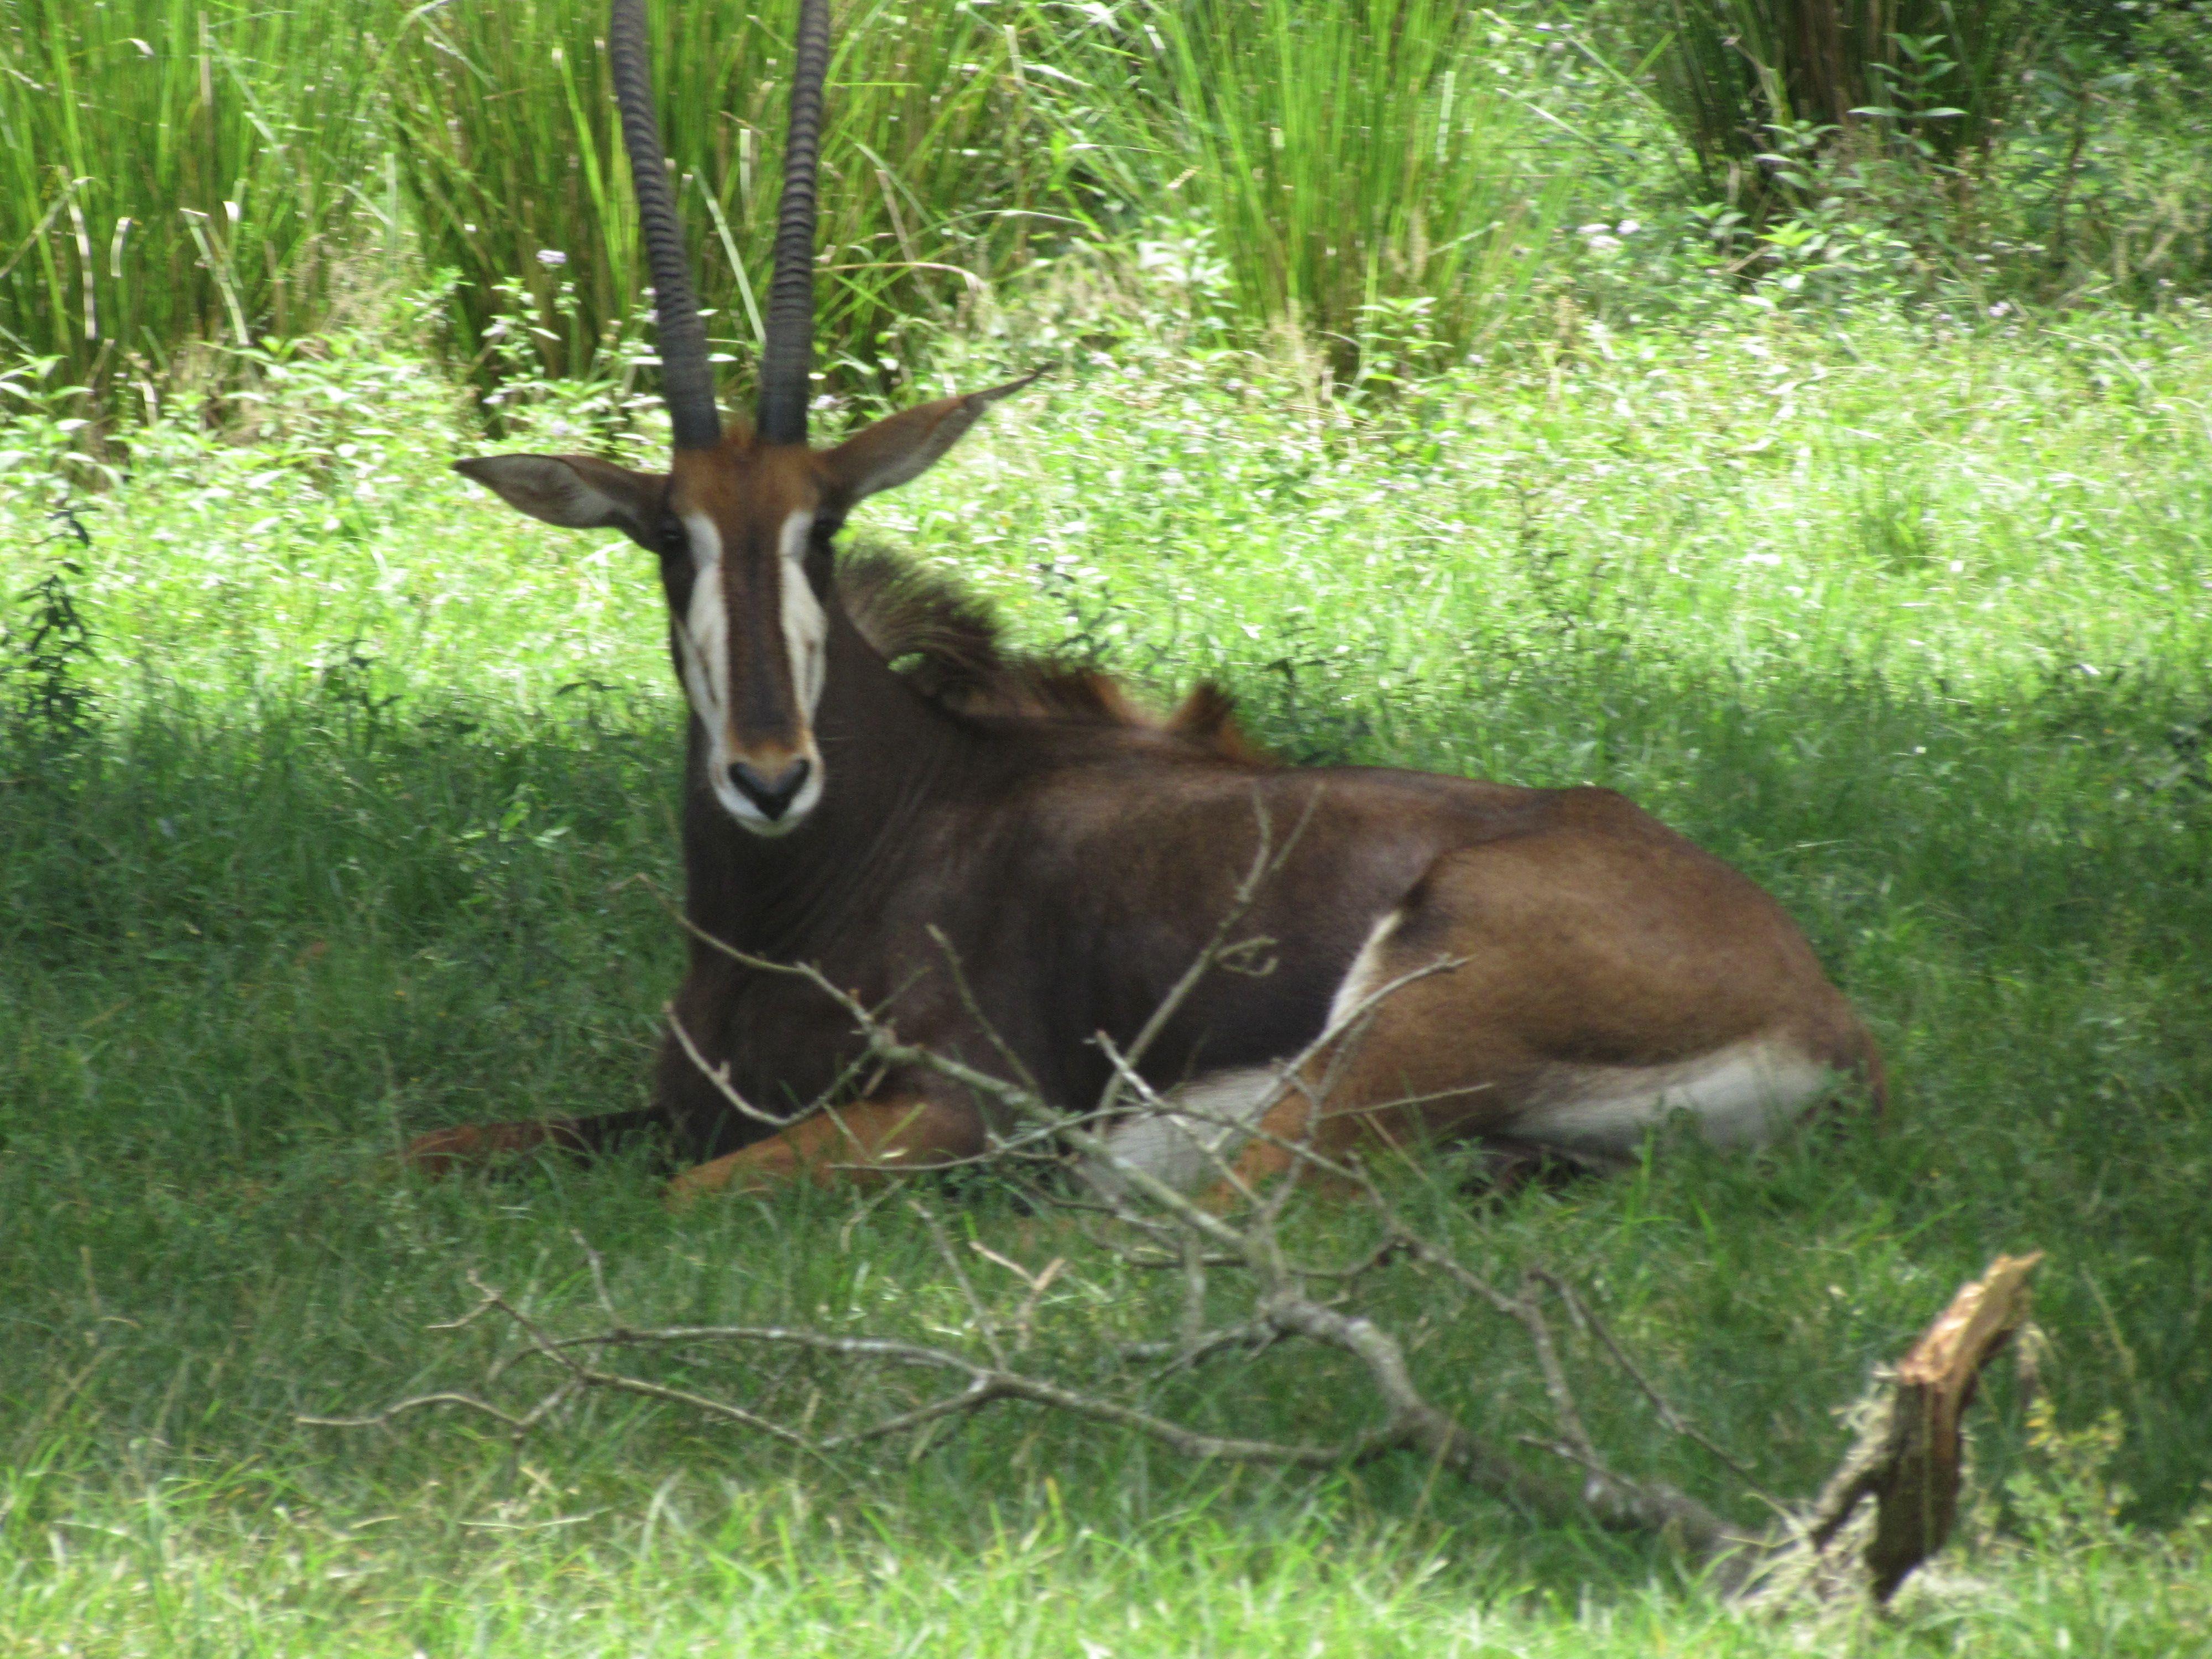 Algunos animales pasan el día echados en el suelo comiendo y observando sus alrededores queriendo saber que es lo que pasa en el exterior.